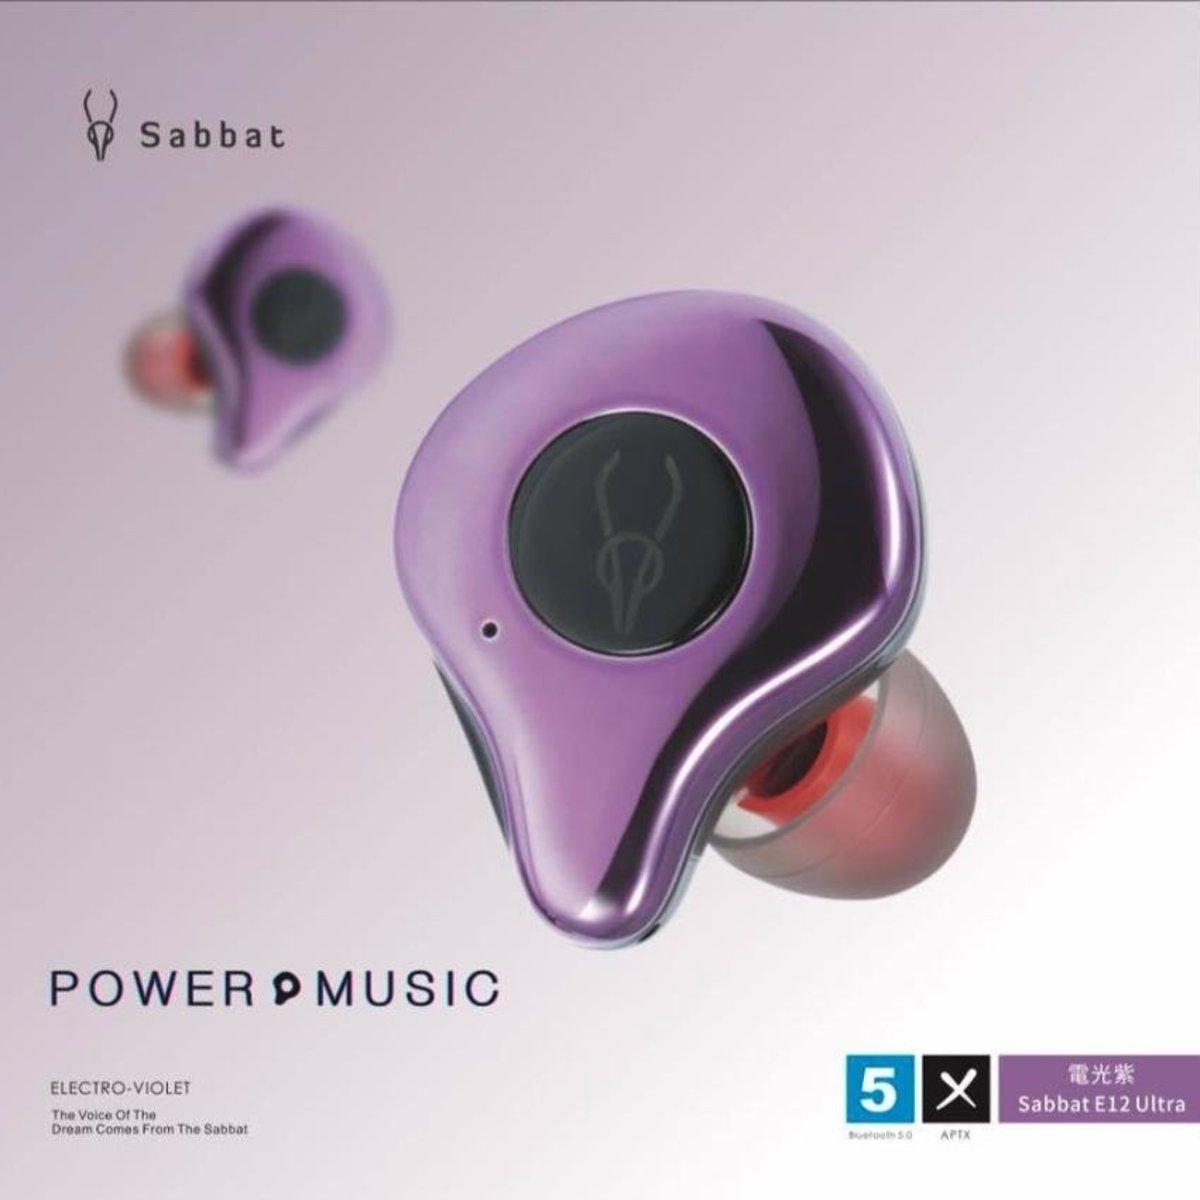 E12 Ultra 高通藍牙5.0 aptX/AAC 真無線入耳式耳機[電光紫色]